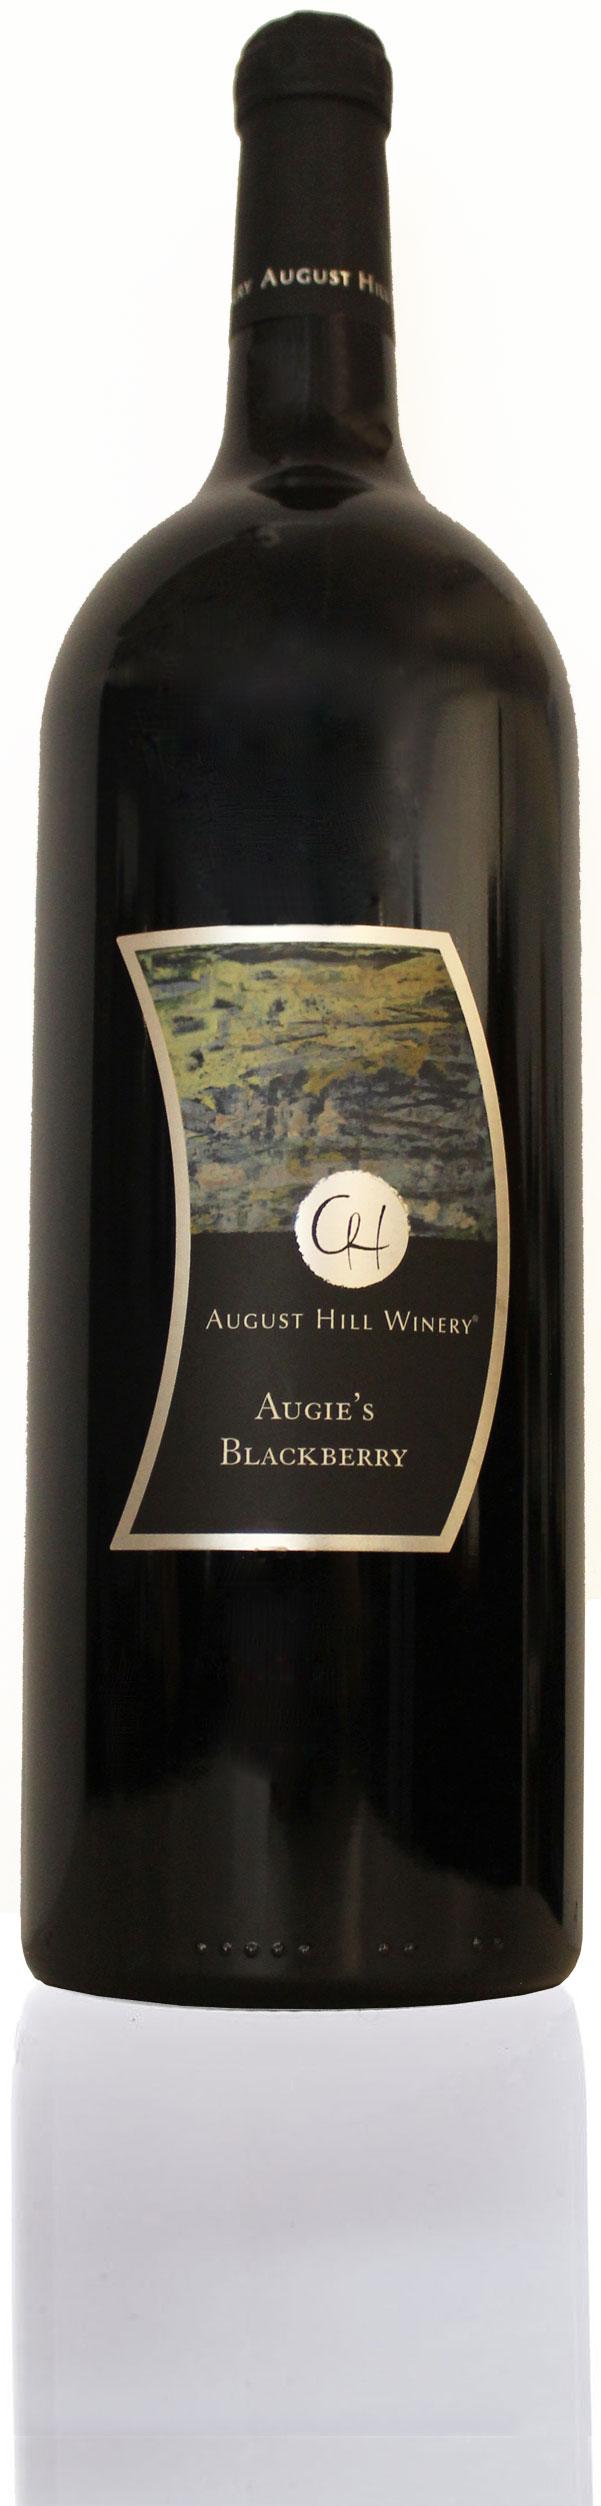 Augie's Blackberry Magnum